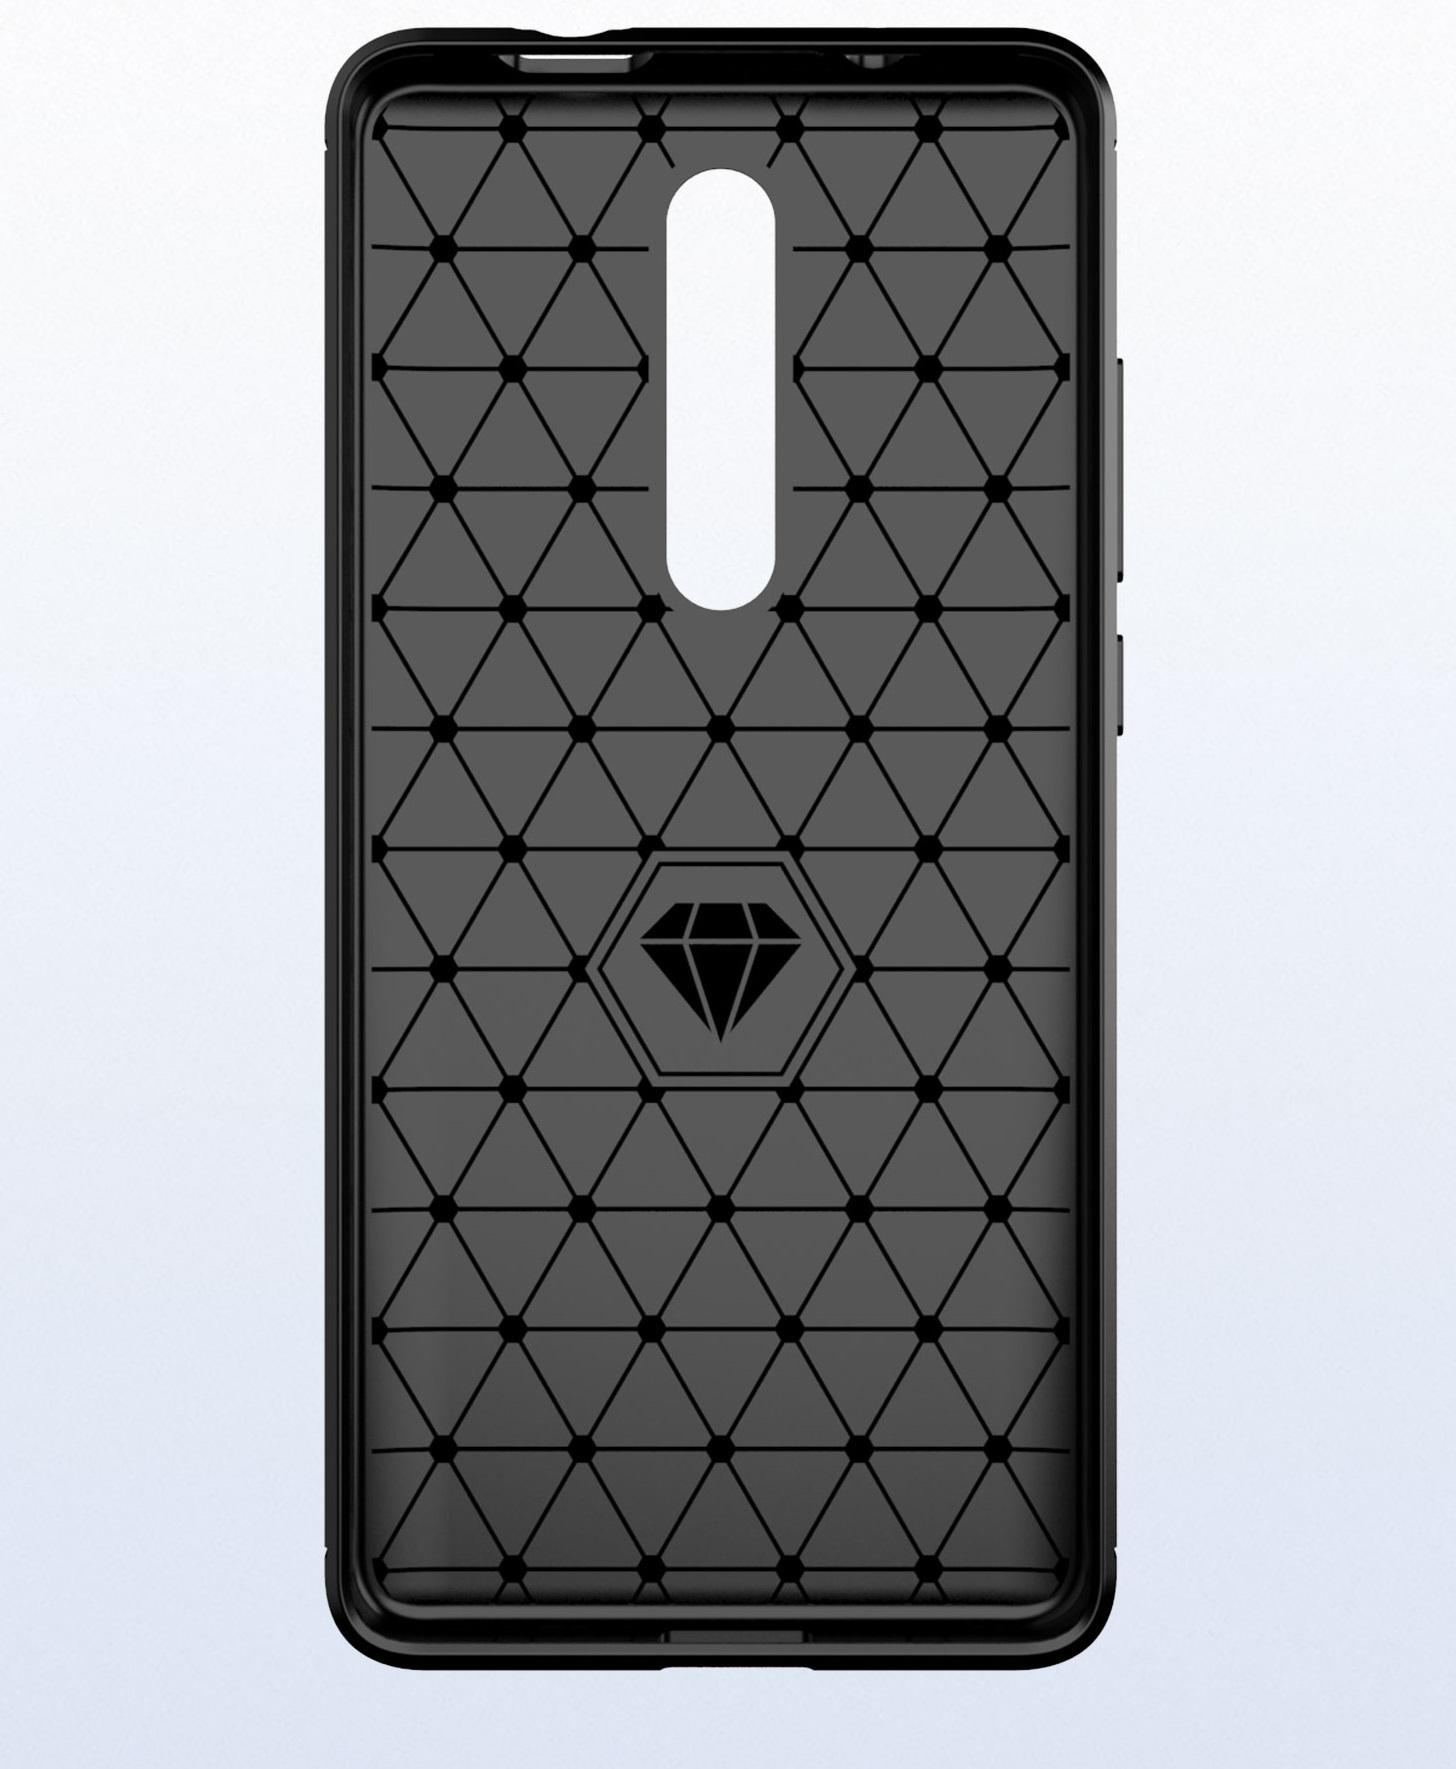 Чехол для Xiaomi Mi 9T (9T Pro, Redmi K20, K20 Pro,K20 Pro Premium) цвет Gray (серый), серия Carbon от Caseport